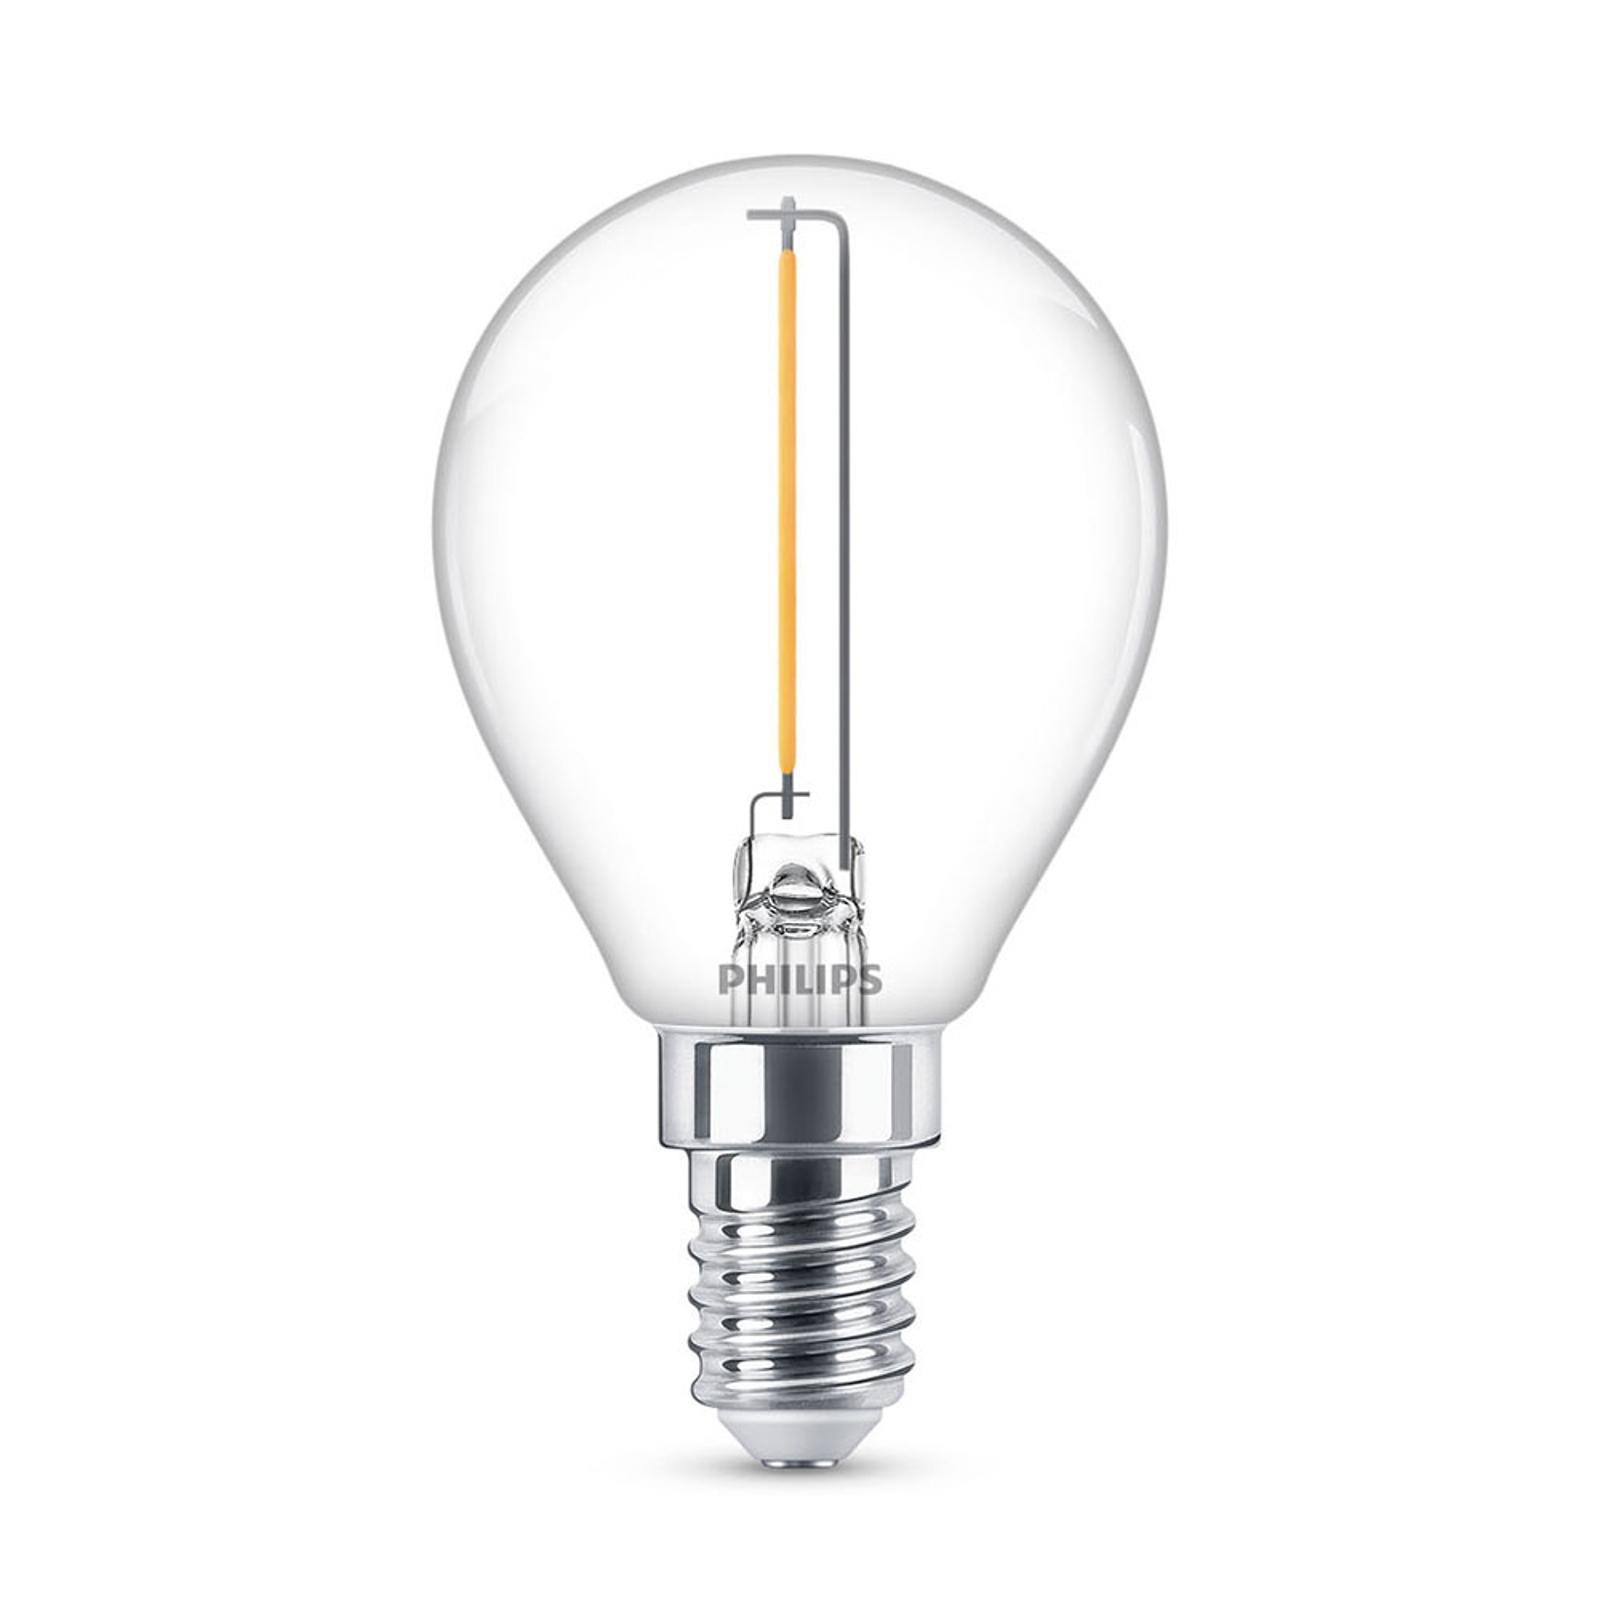 Philips LED Classic dråpepære E14 P45 1,4 W klar